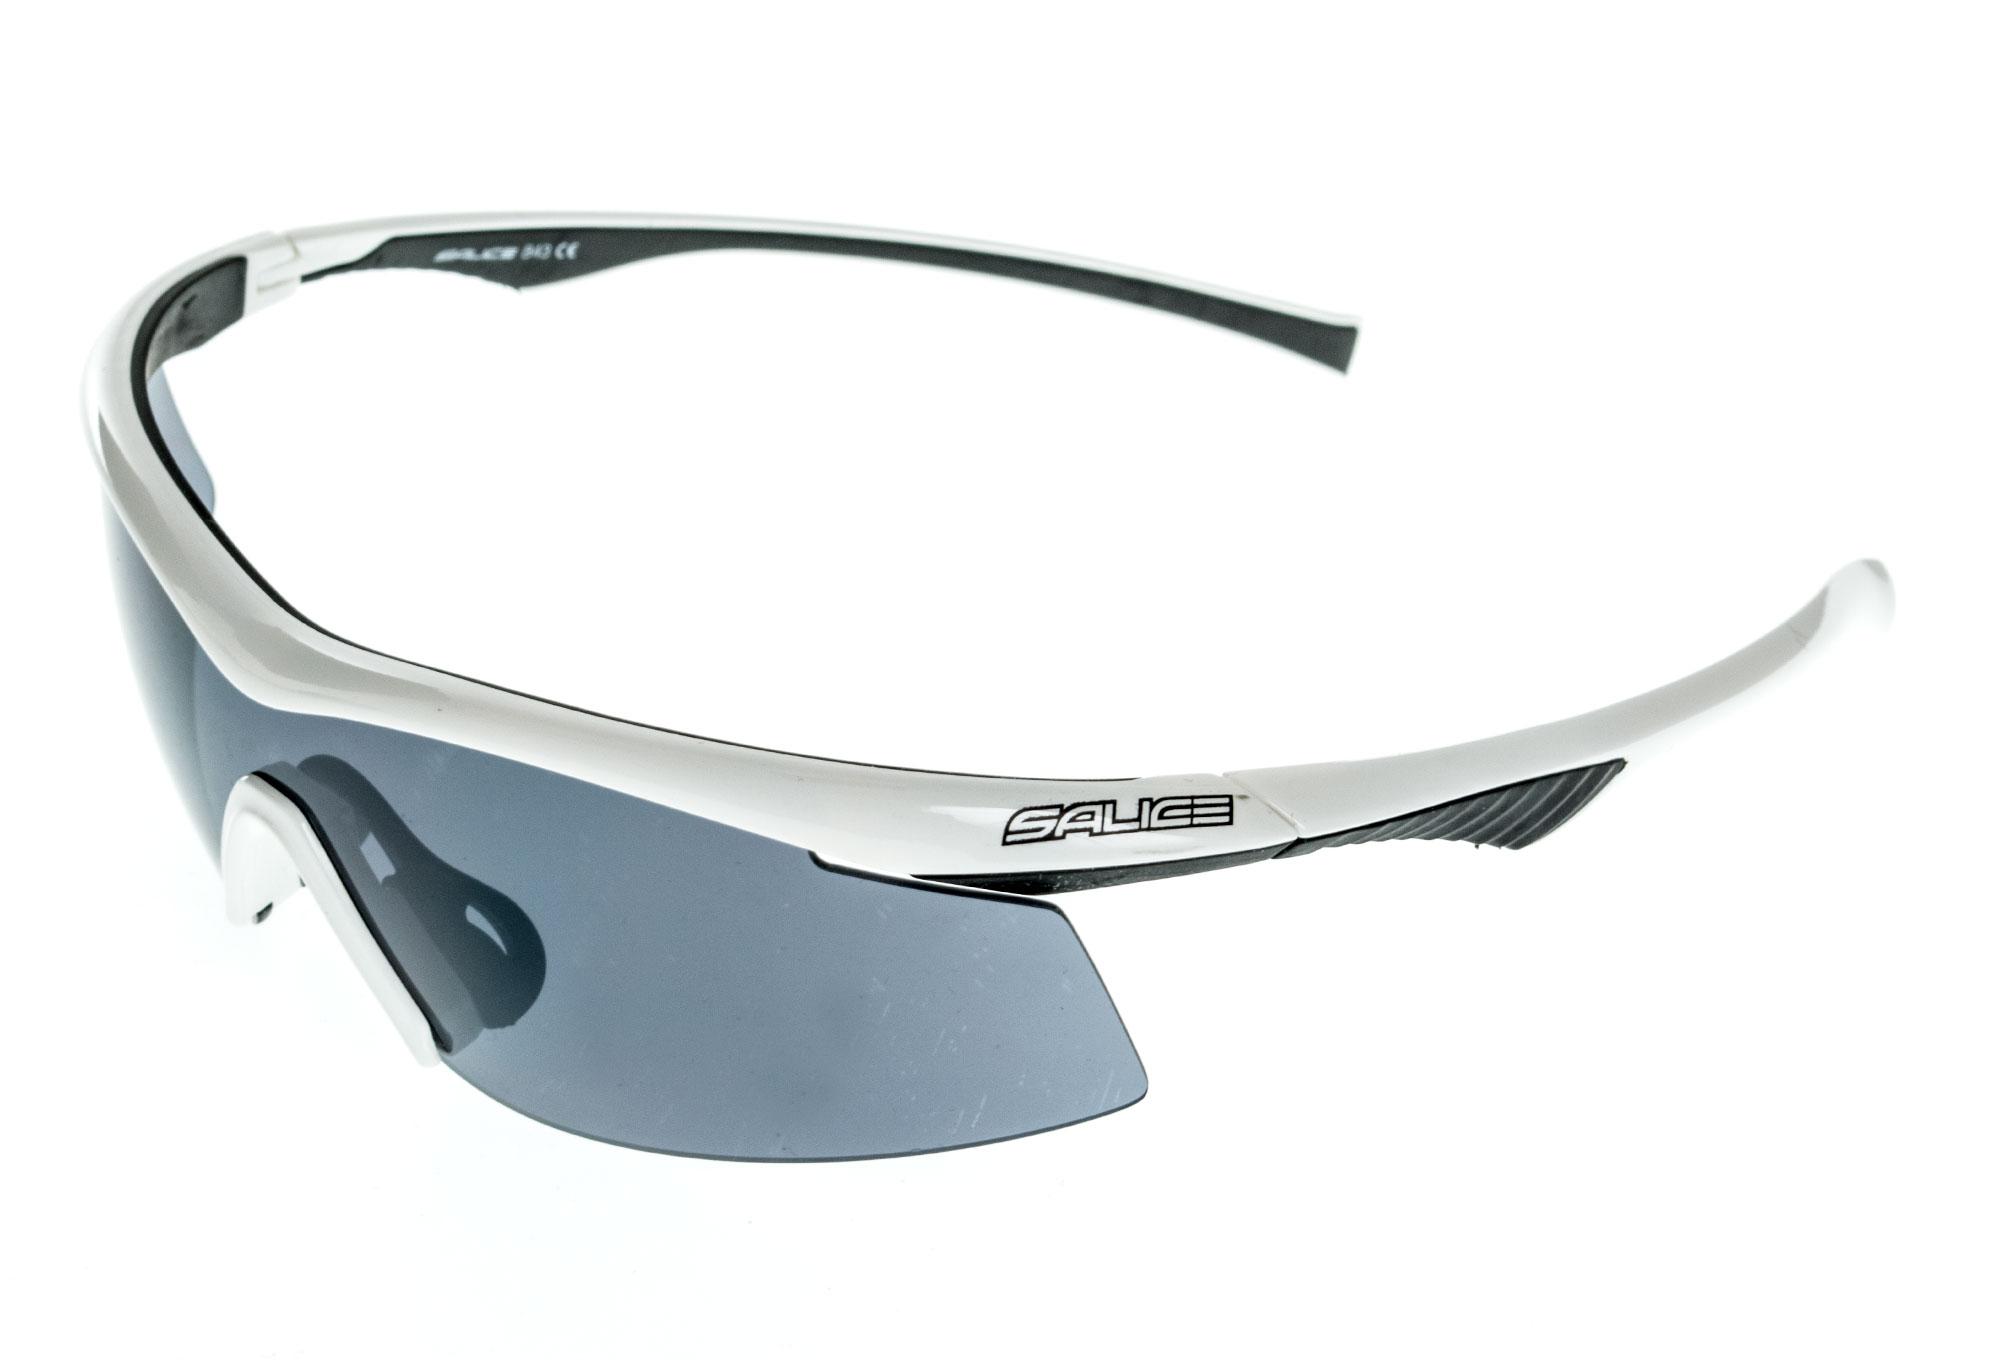 salice pair of sunglasses 843 white black alltricks fr